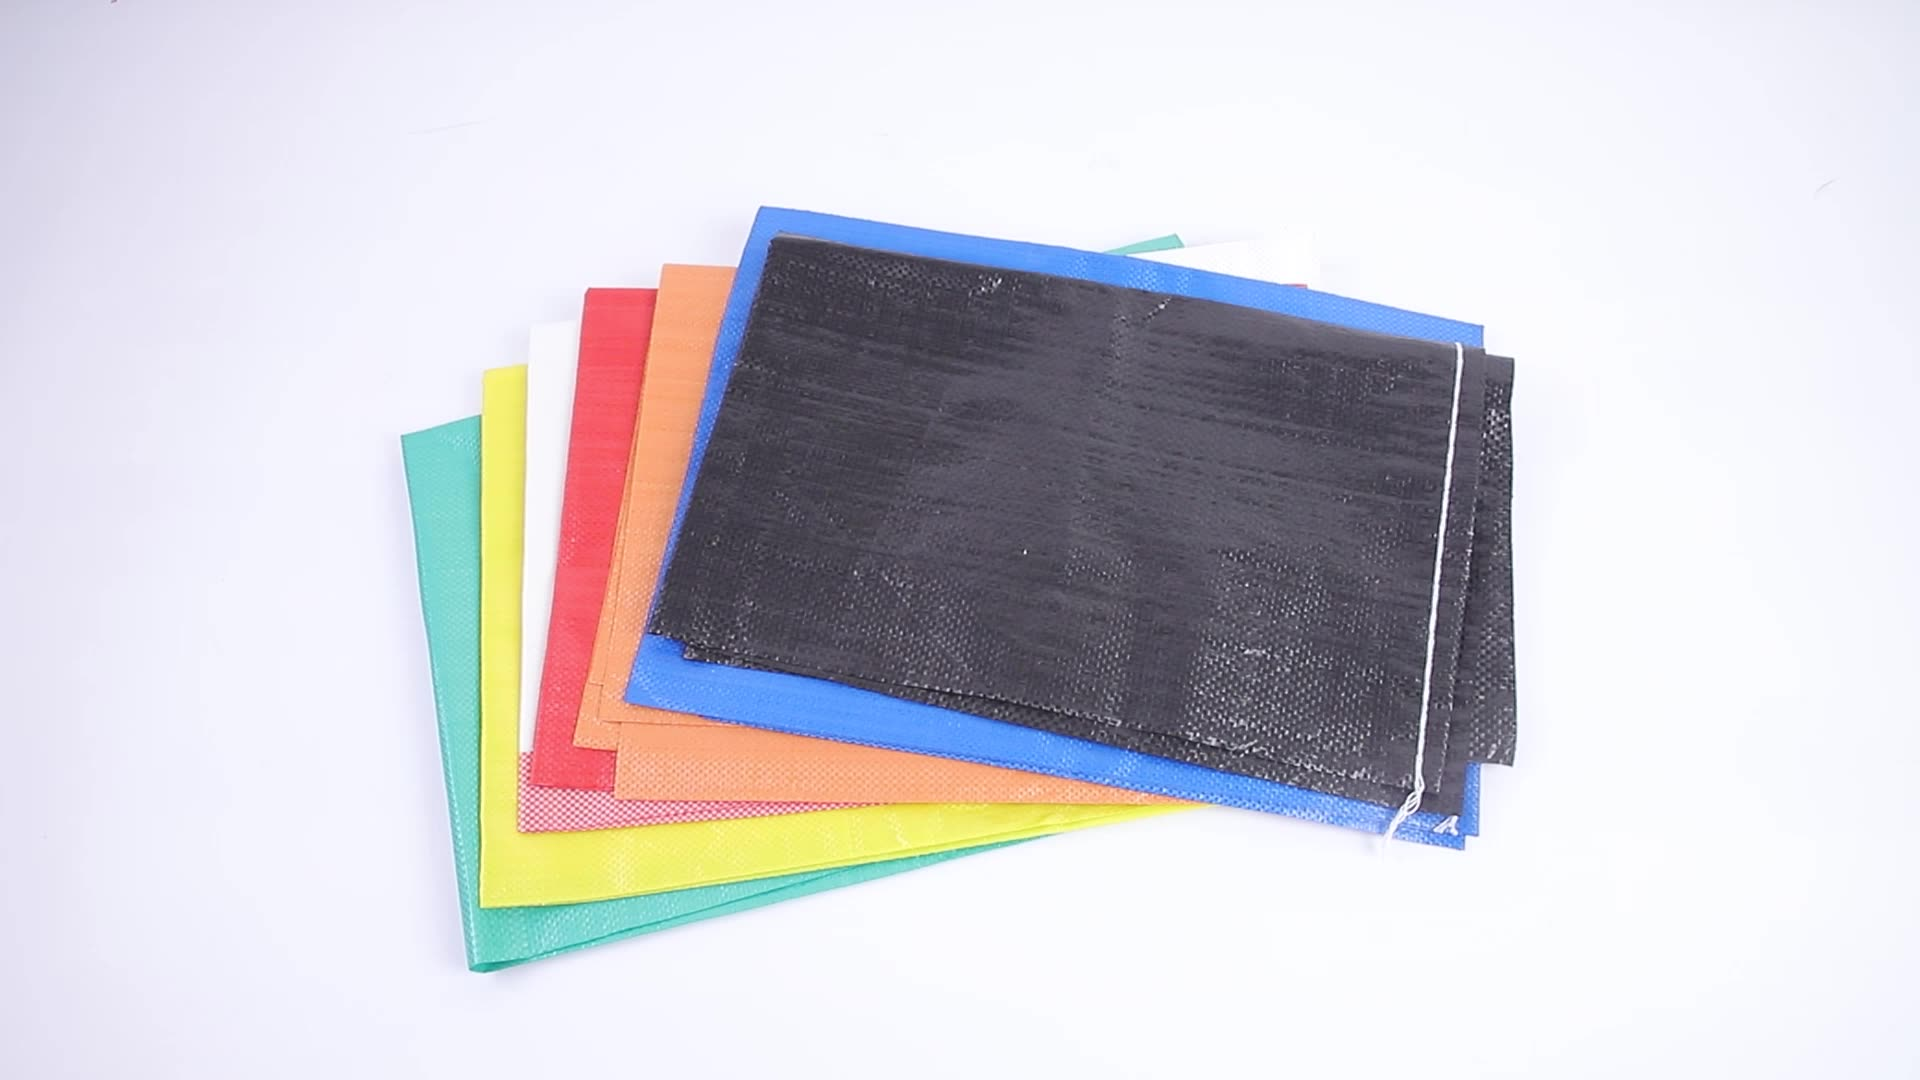 À Prova de umidade Personalizado Reciclável 50 25Kg 100Kg Kg PP Tecidos de Polipropileno Saco de Arroz Empti